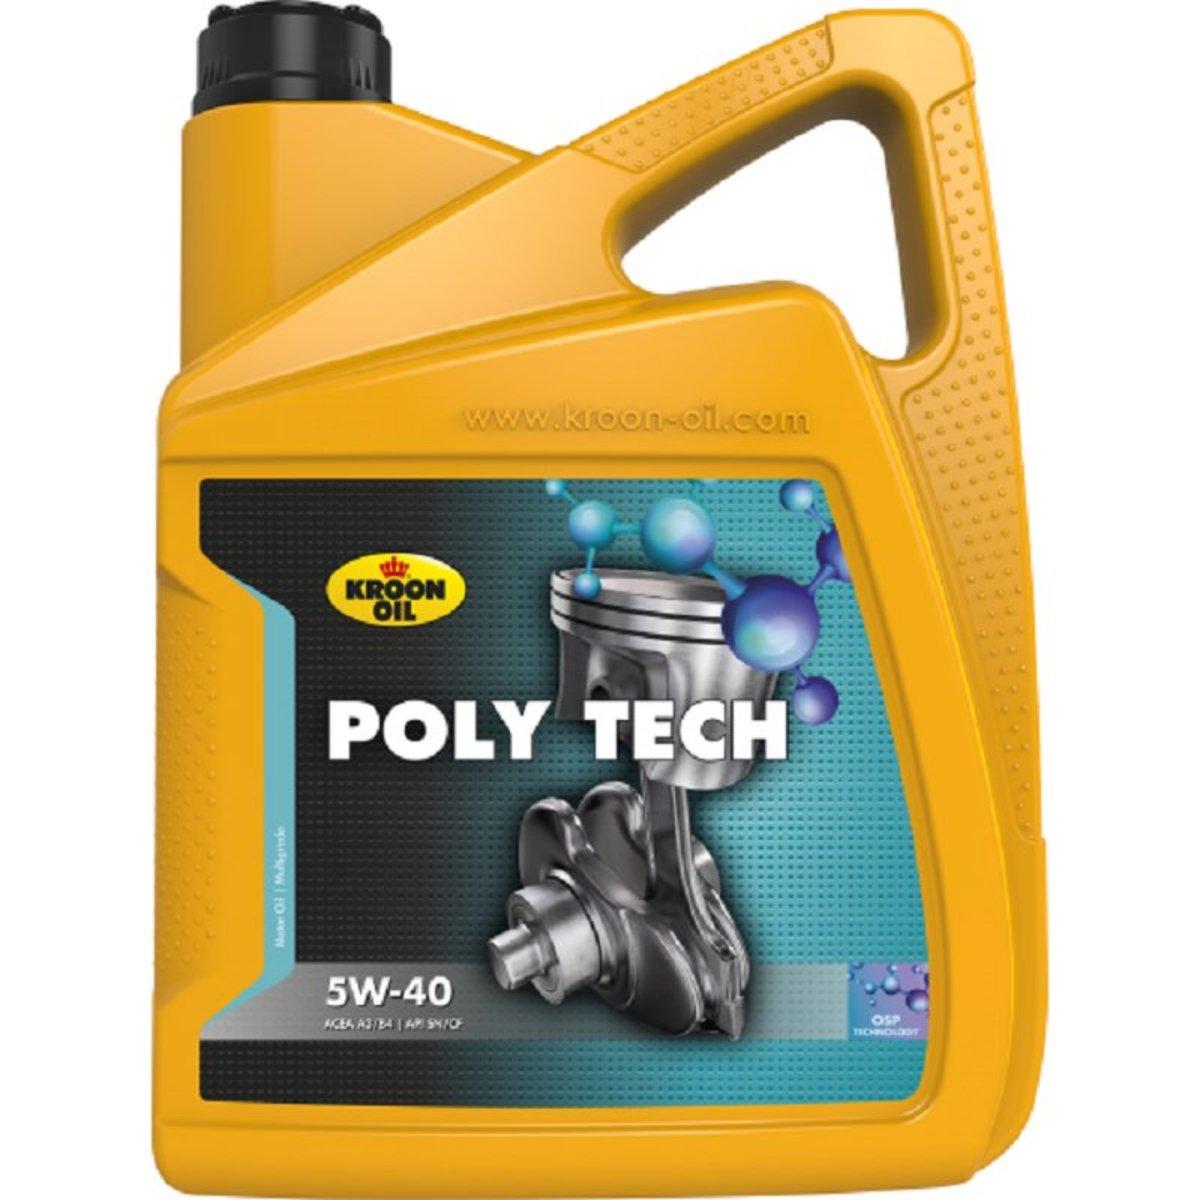 KROON-OIL Poly Tech 5W-40 全合成機油/偈油 (API SN / BMW Longlife-01 / Porsche A40 / MB 229.3/226.5)